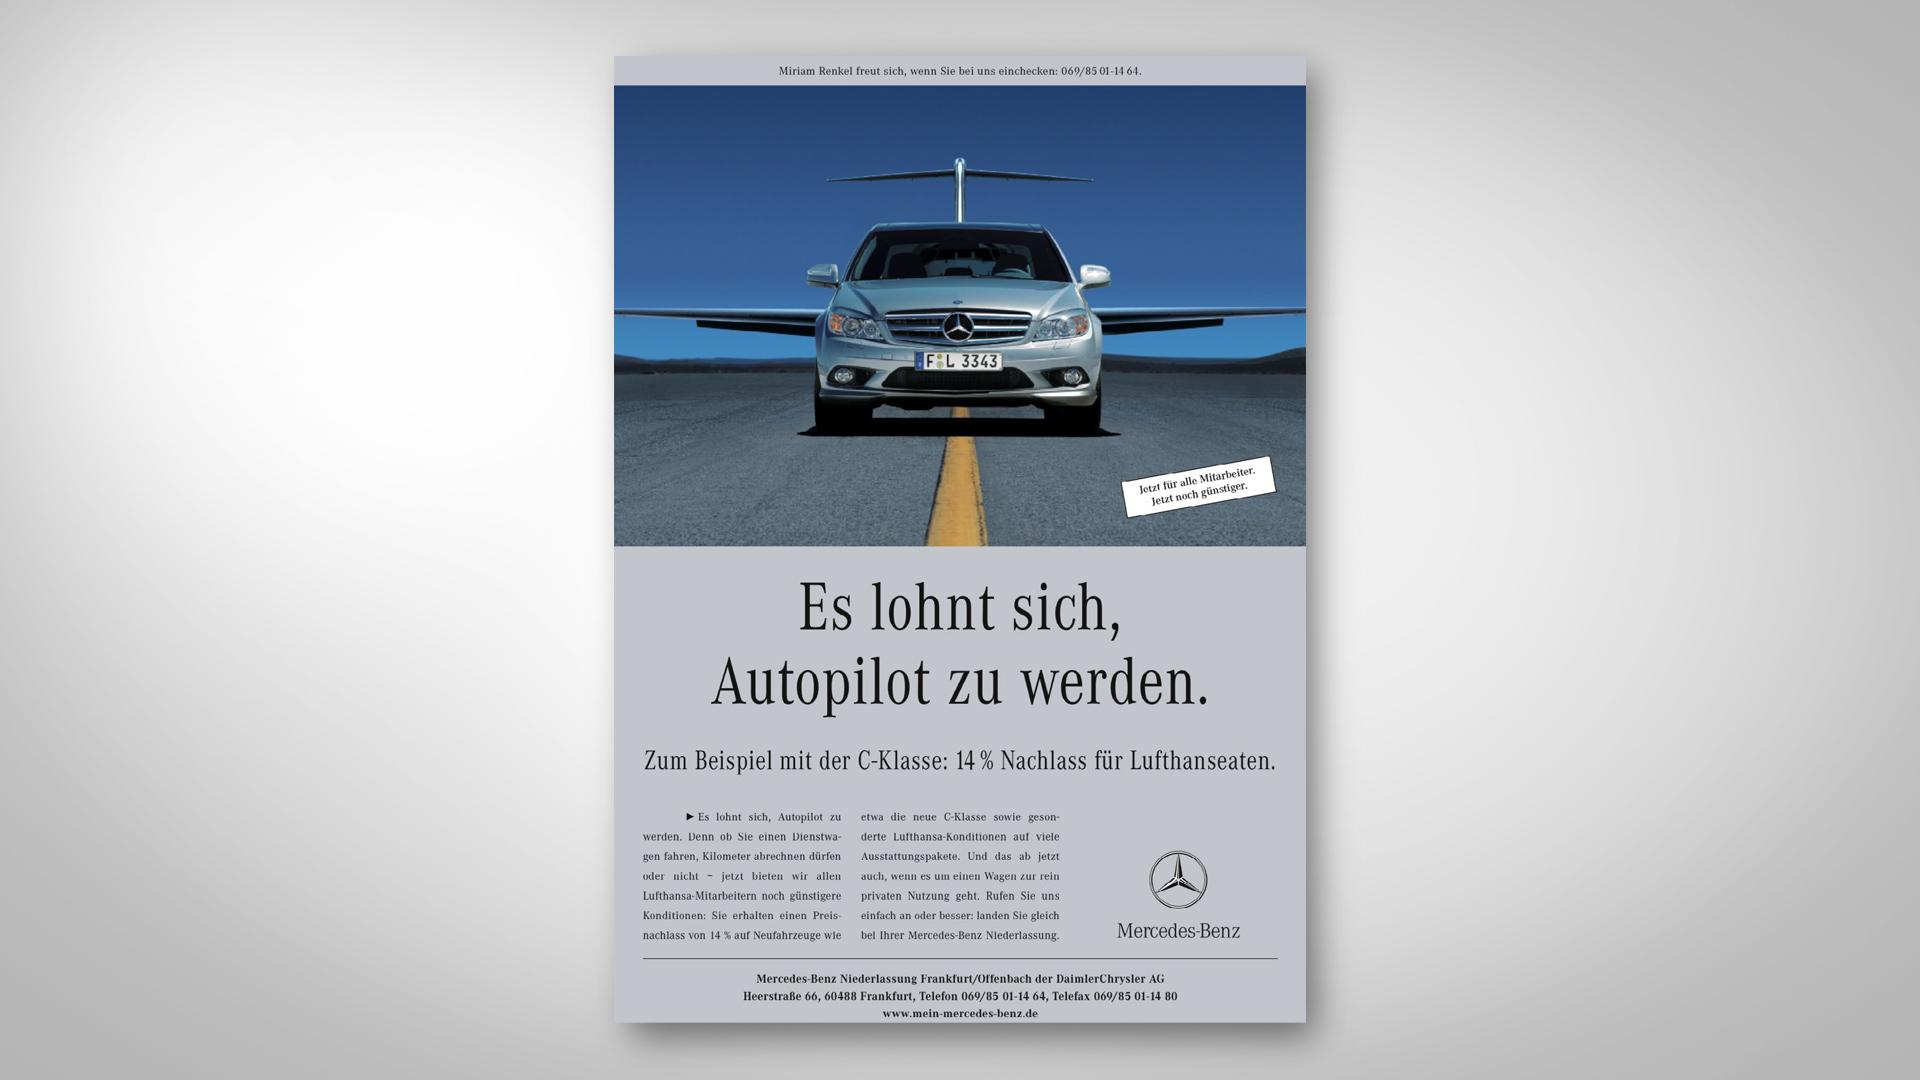 Mercedes-Benz Lufthansa-Anzeige